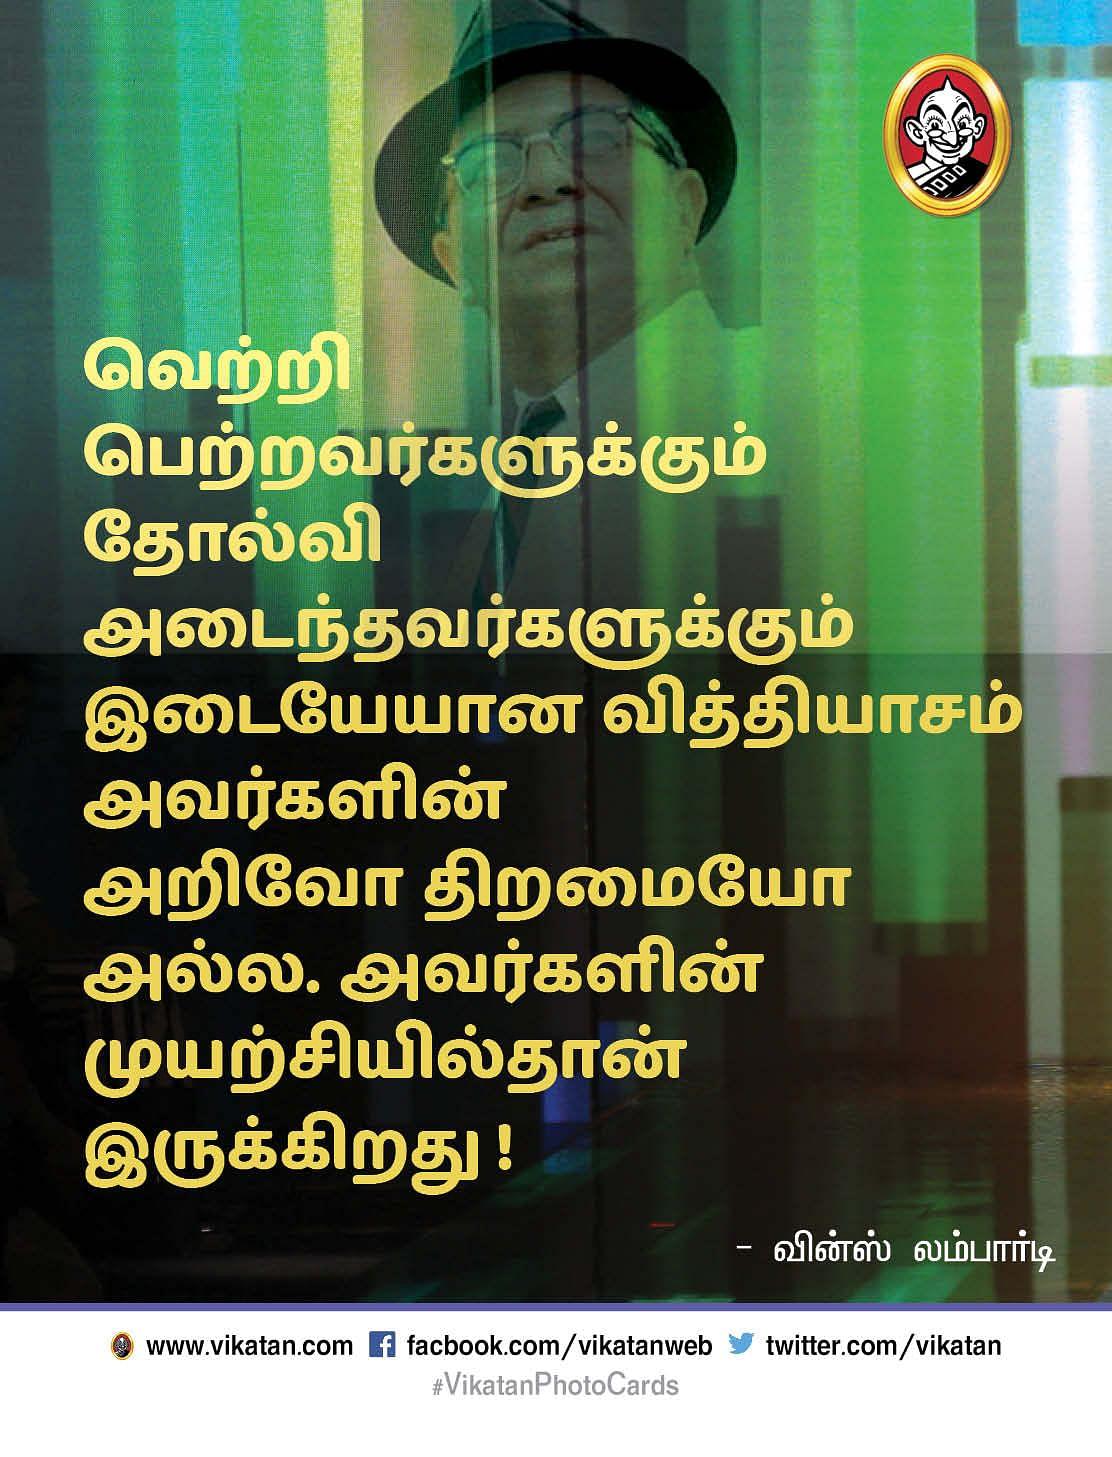 வின்ஸ் லம்பார்டி